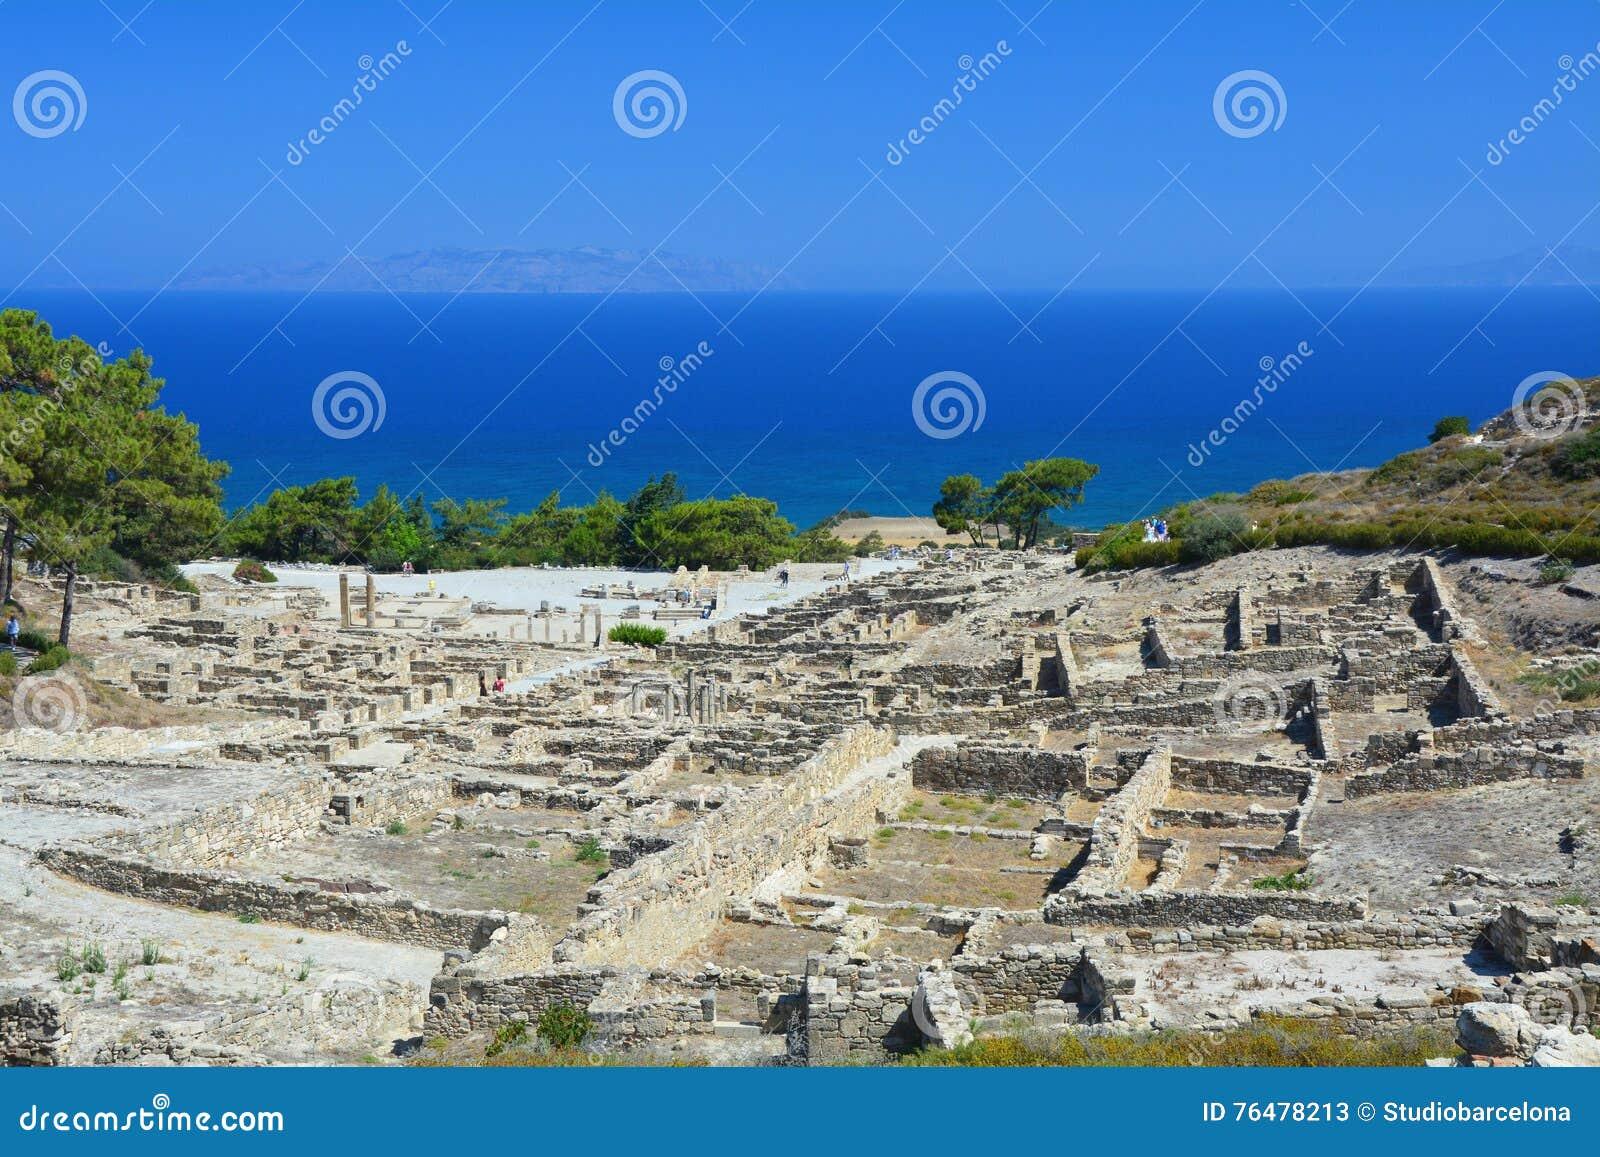 Αρχαία πόλη Kamiros στο νησί της Ρόδου